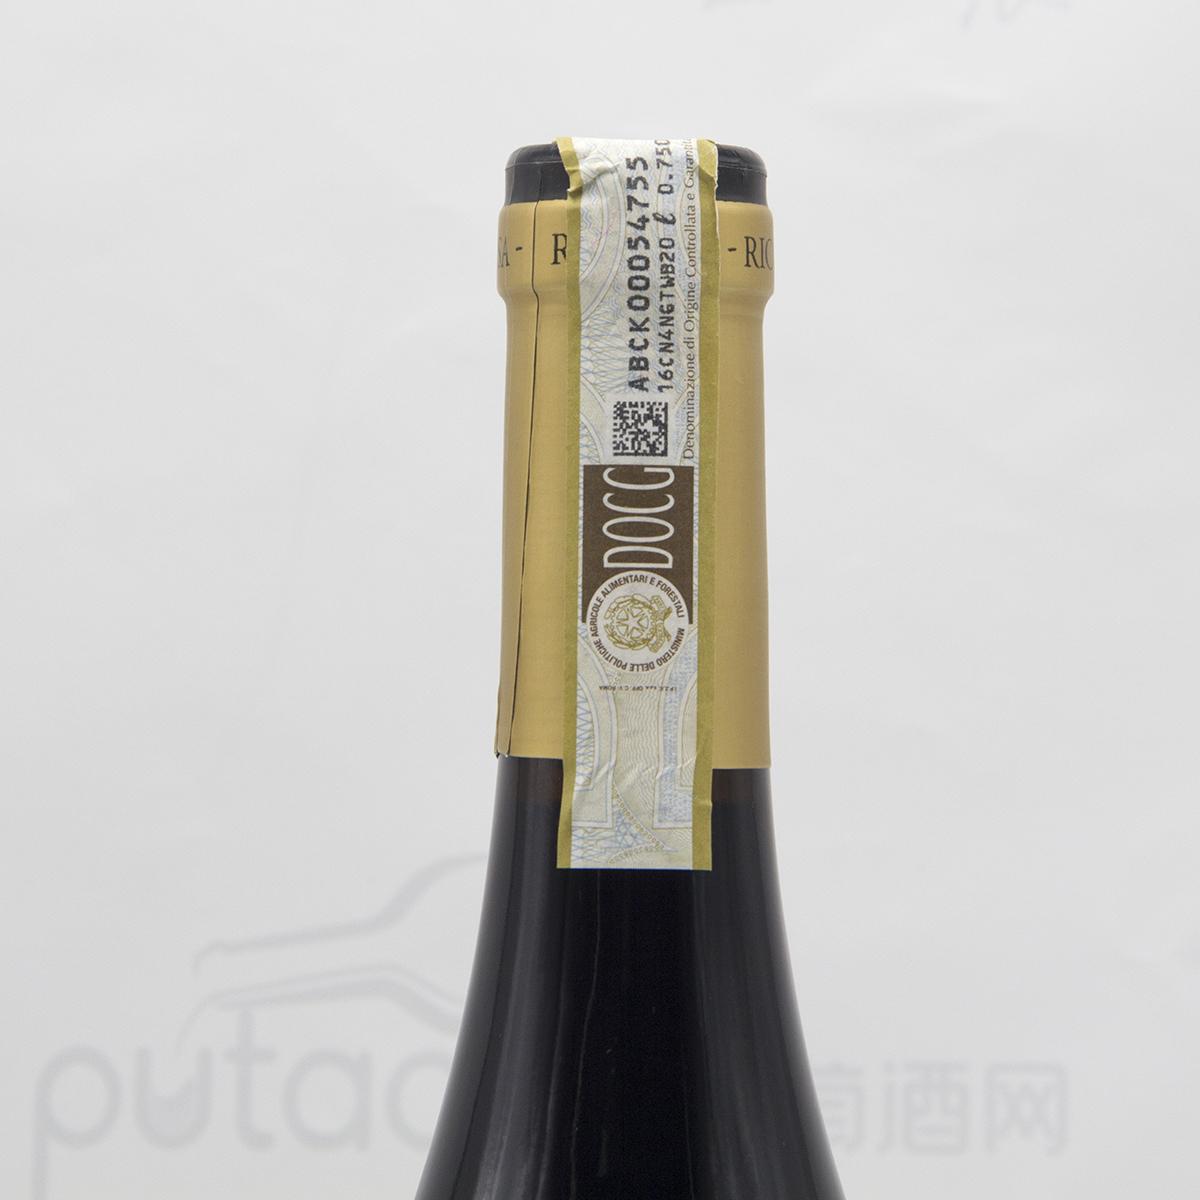 雷克萨巴贝拉阿斯蒂红葡萄酒